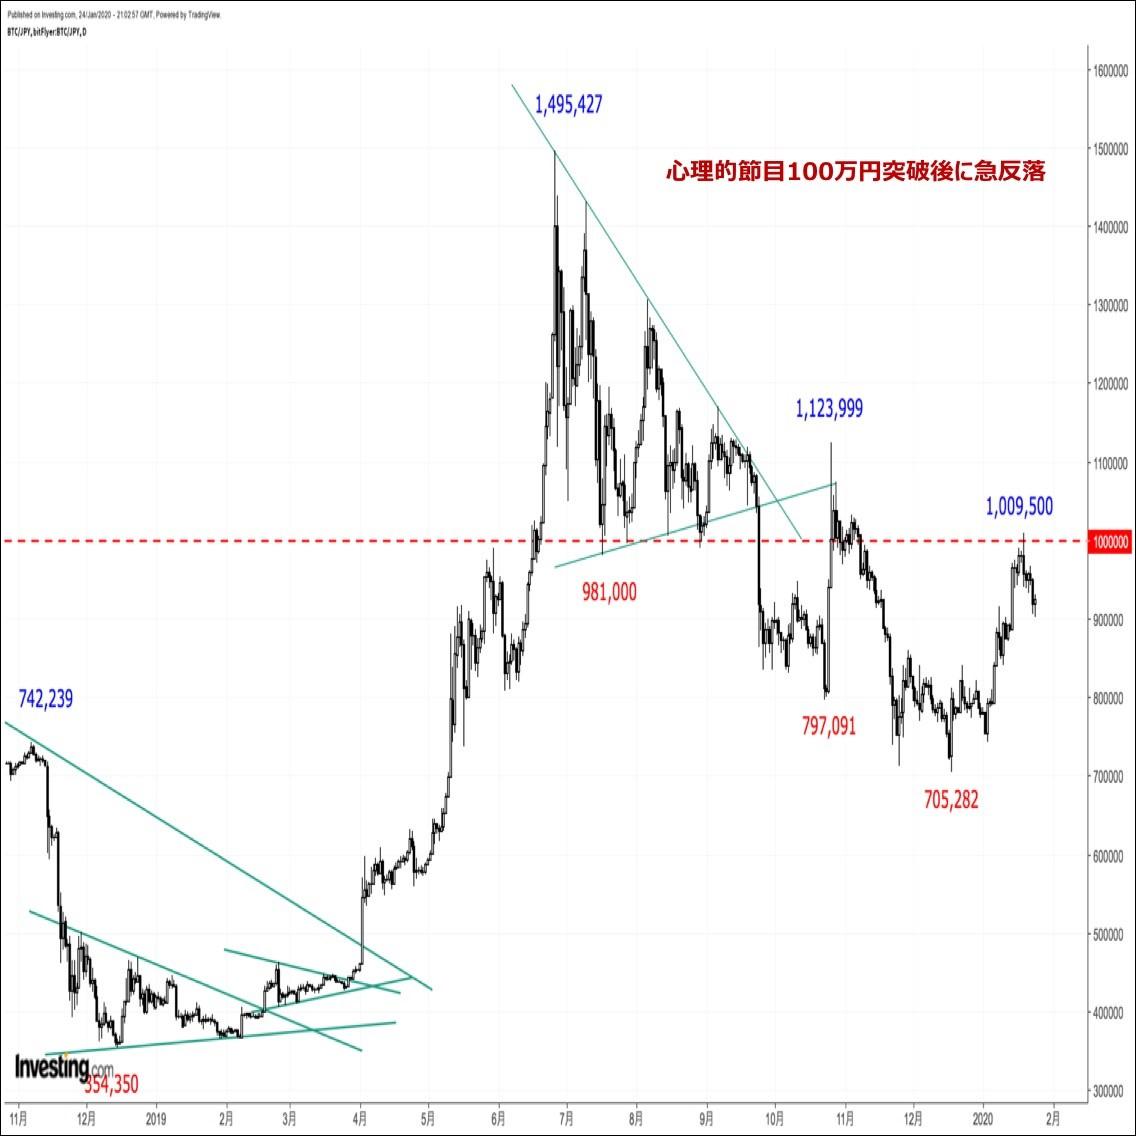 ビットコインの価格分析『100万円到達後に反落するも下値は堅い。春節後の上昇期待高まる』(1/25)